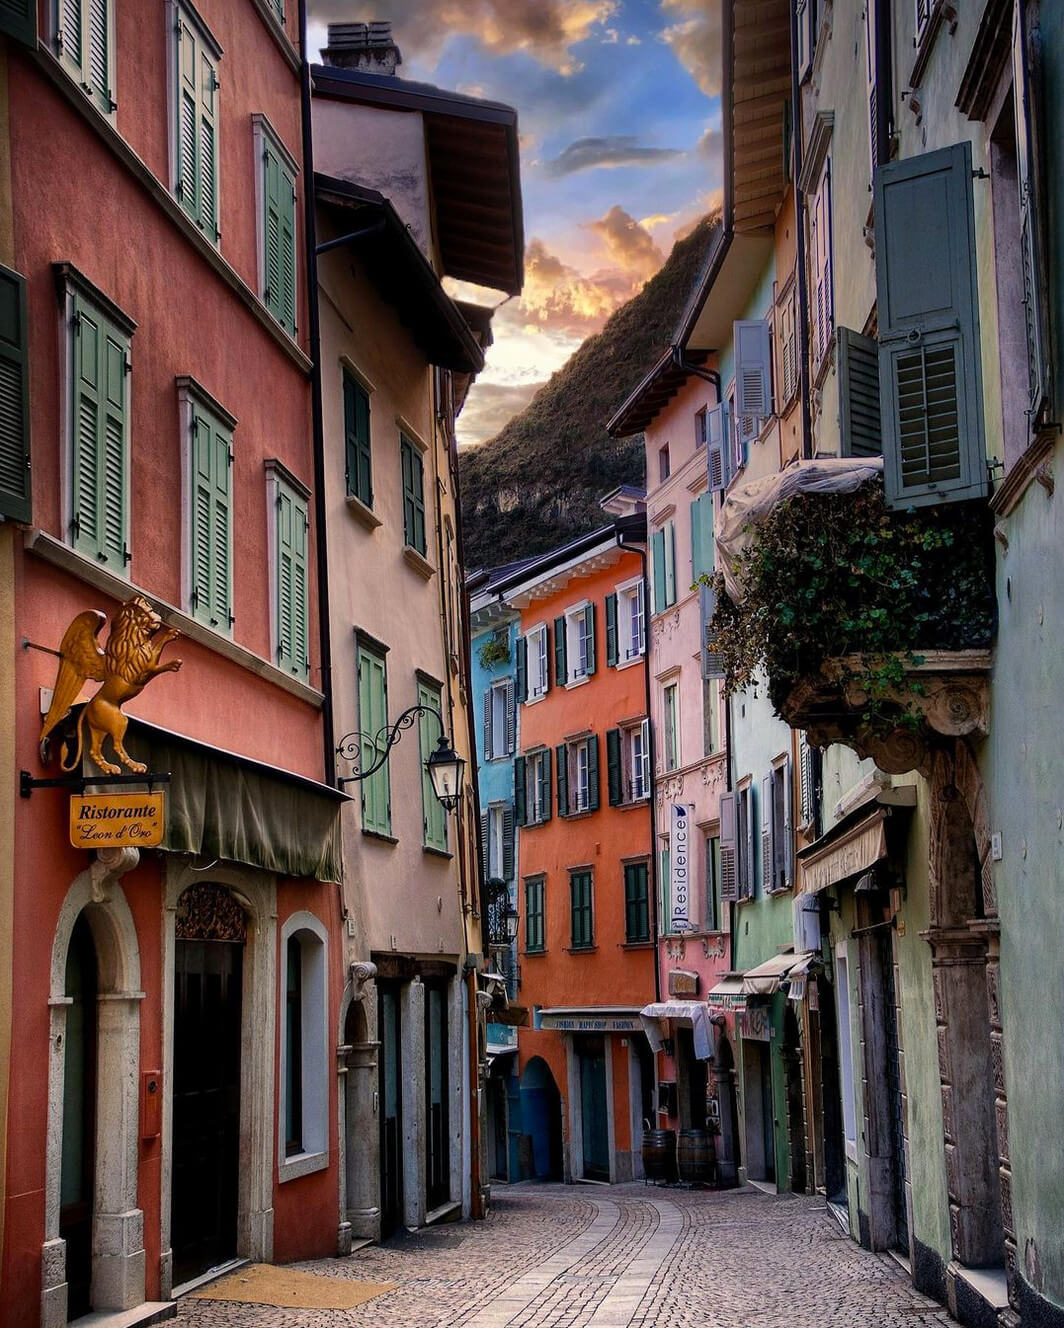 Votre visite à Riva del Garda